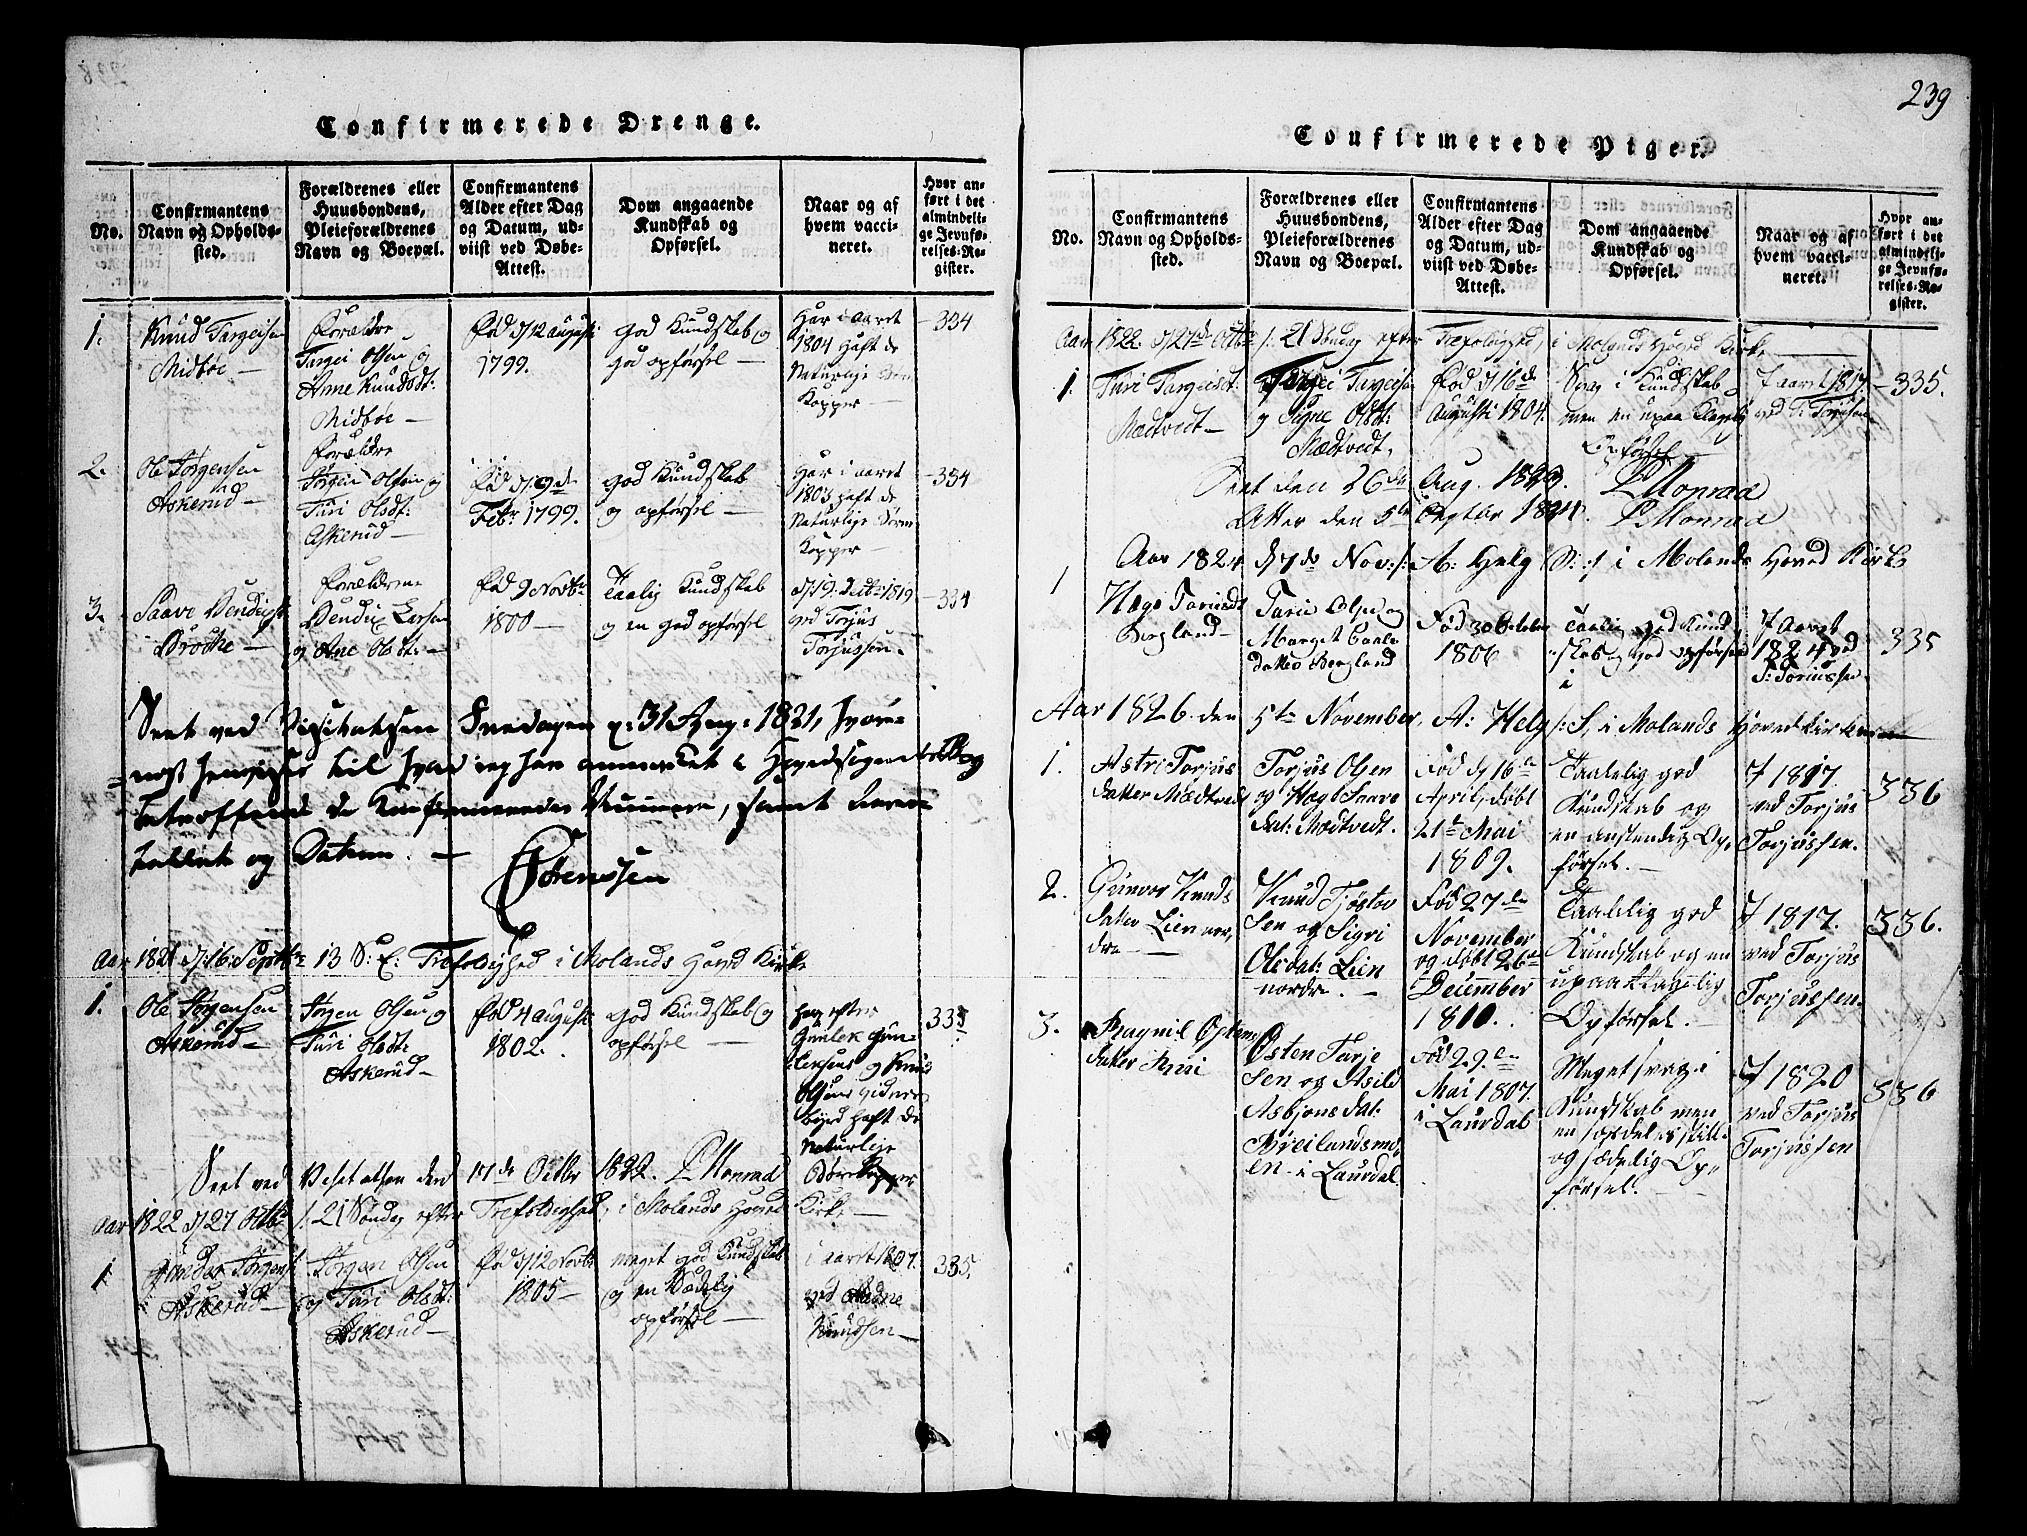 SAKO, Fyresdal kirkebøker, G/Ga/L0002: Klokkerbok nr. I 2, 1815-1857, s. 239